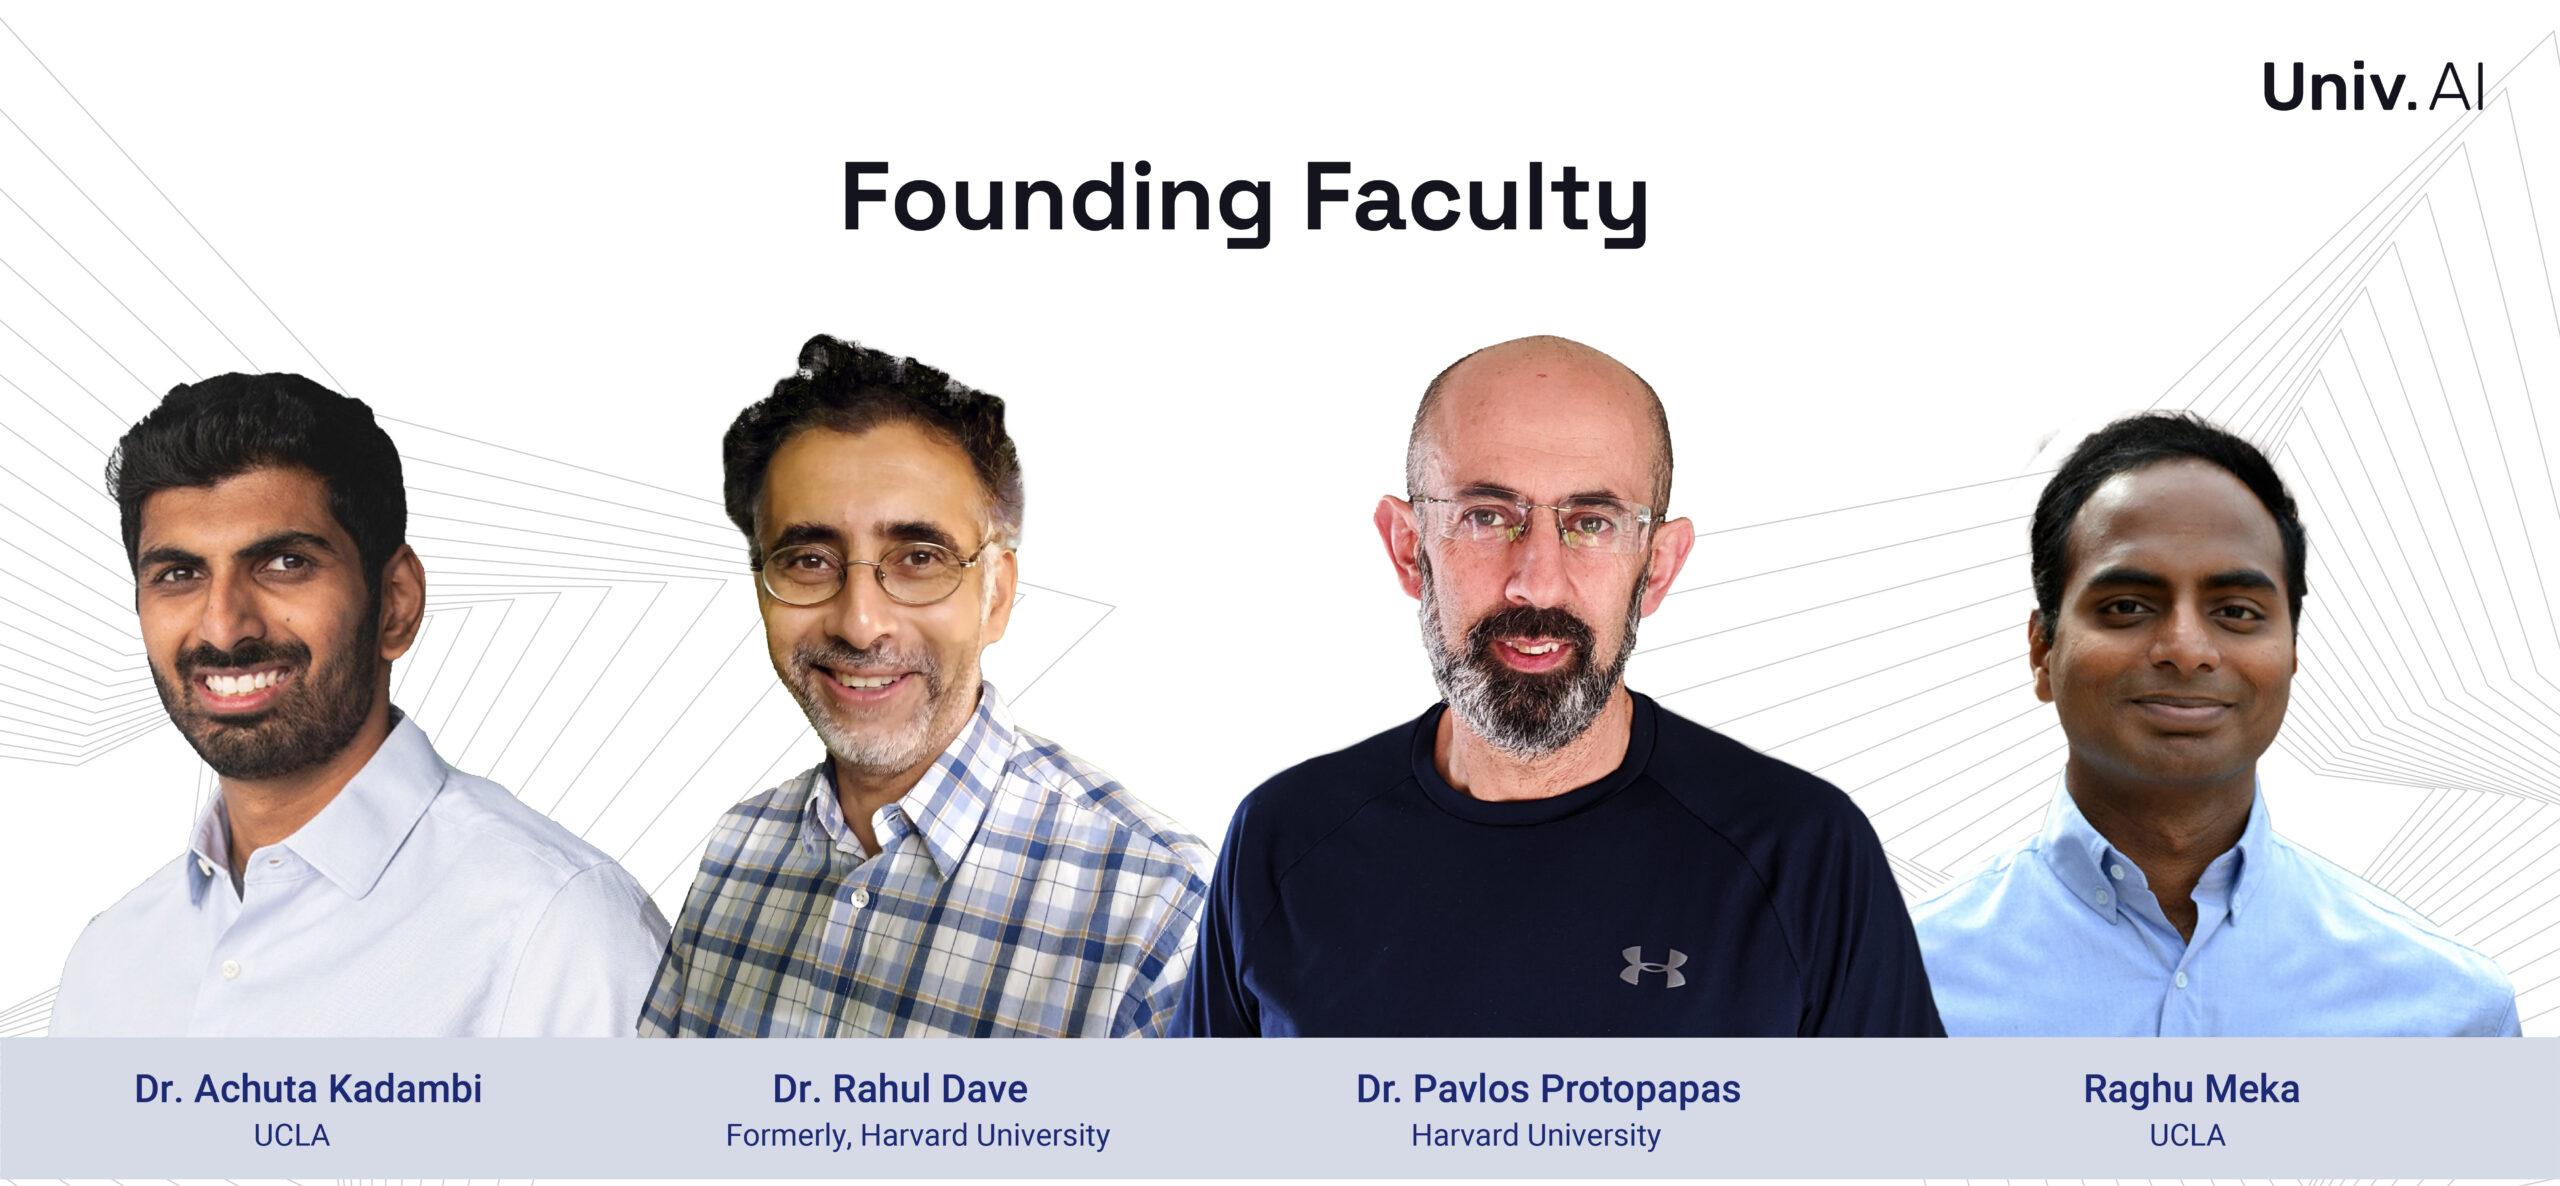 Founding Faculty - Univ.AI